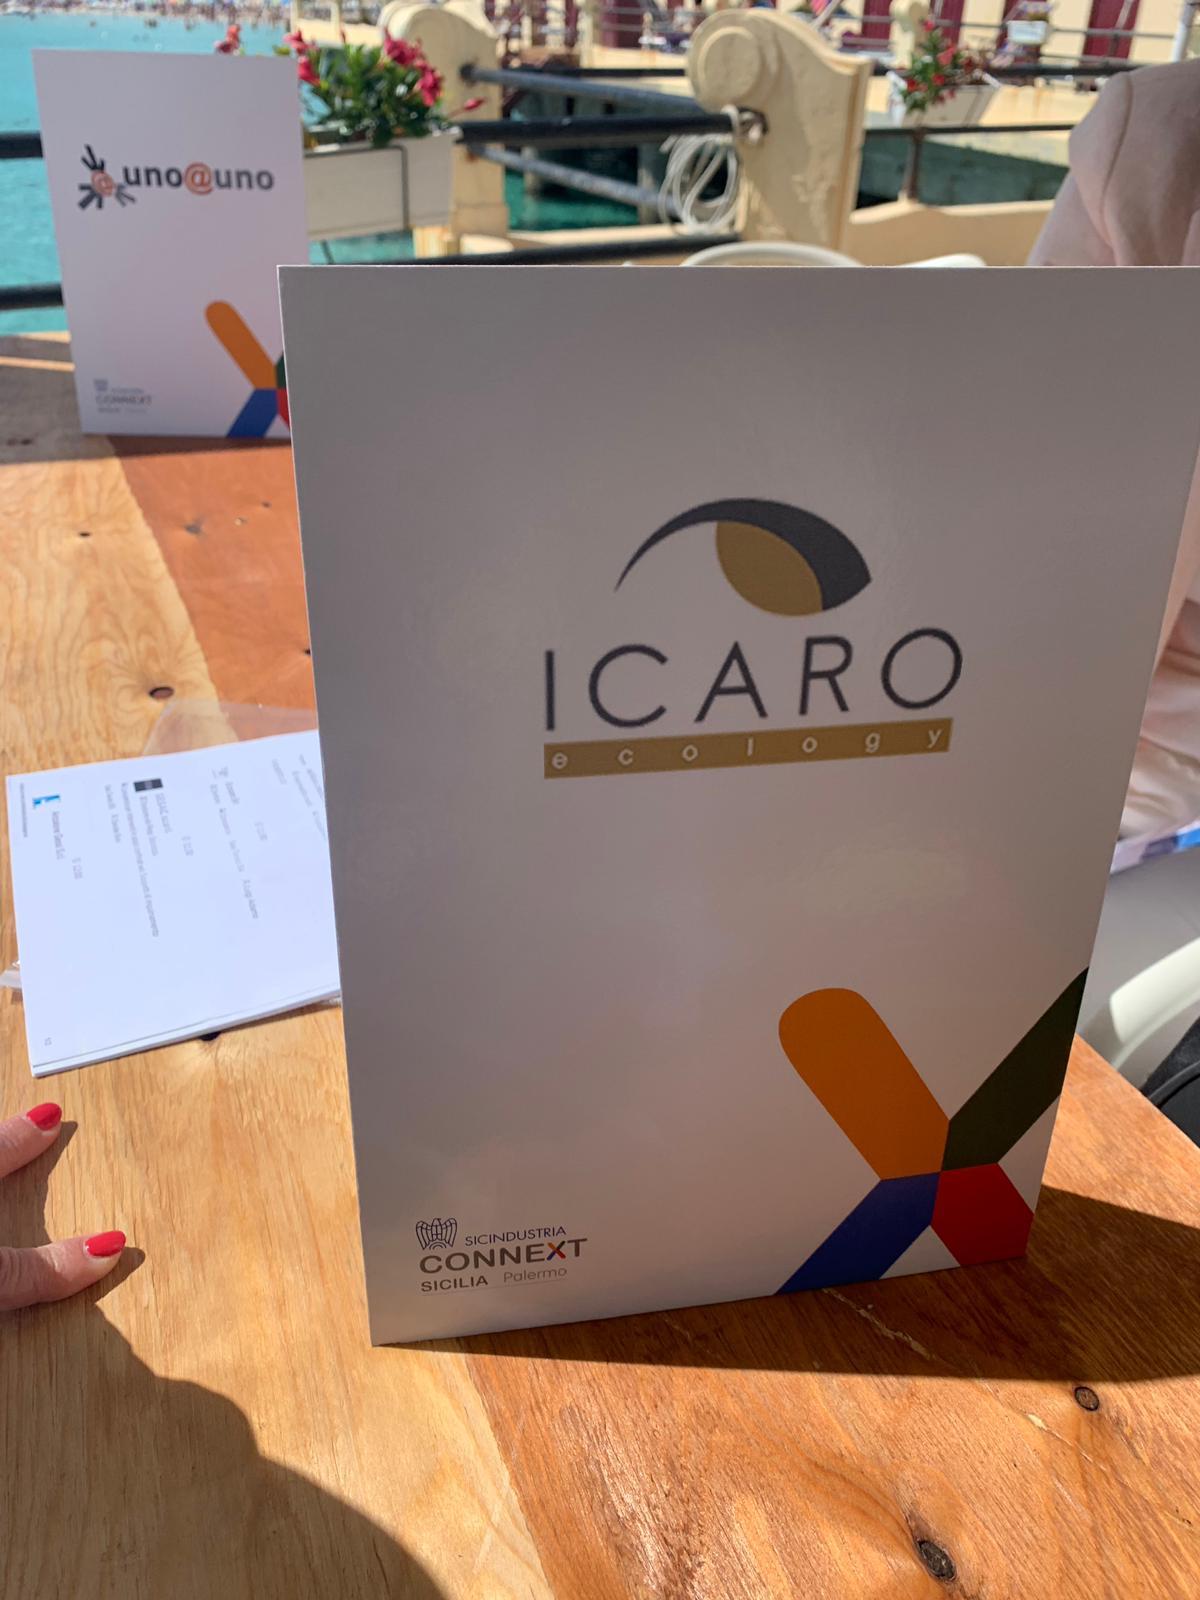 Icaro Ecology al Connext Sicilia!